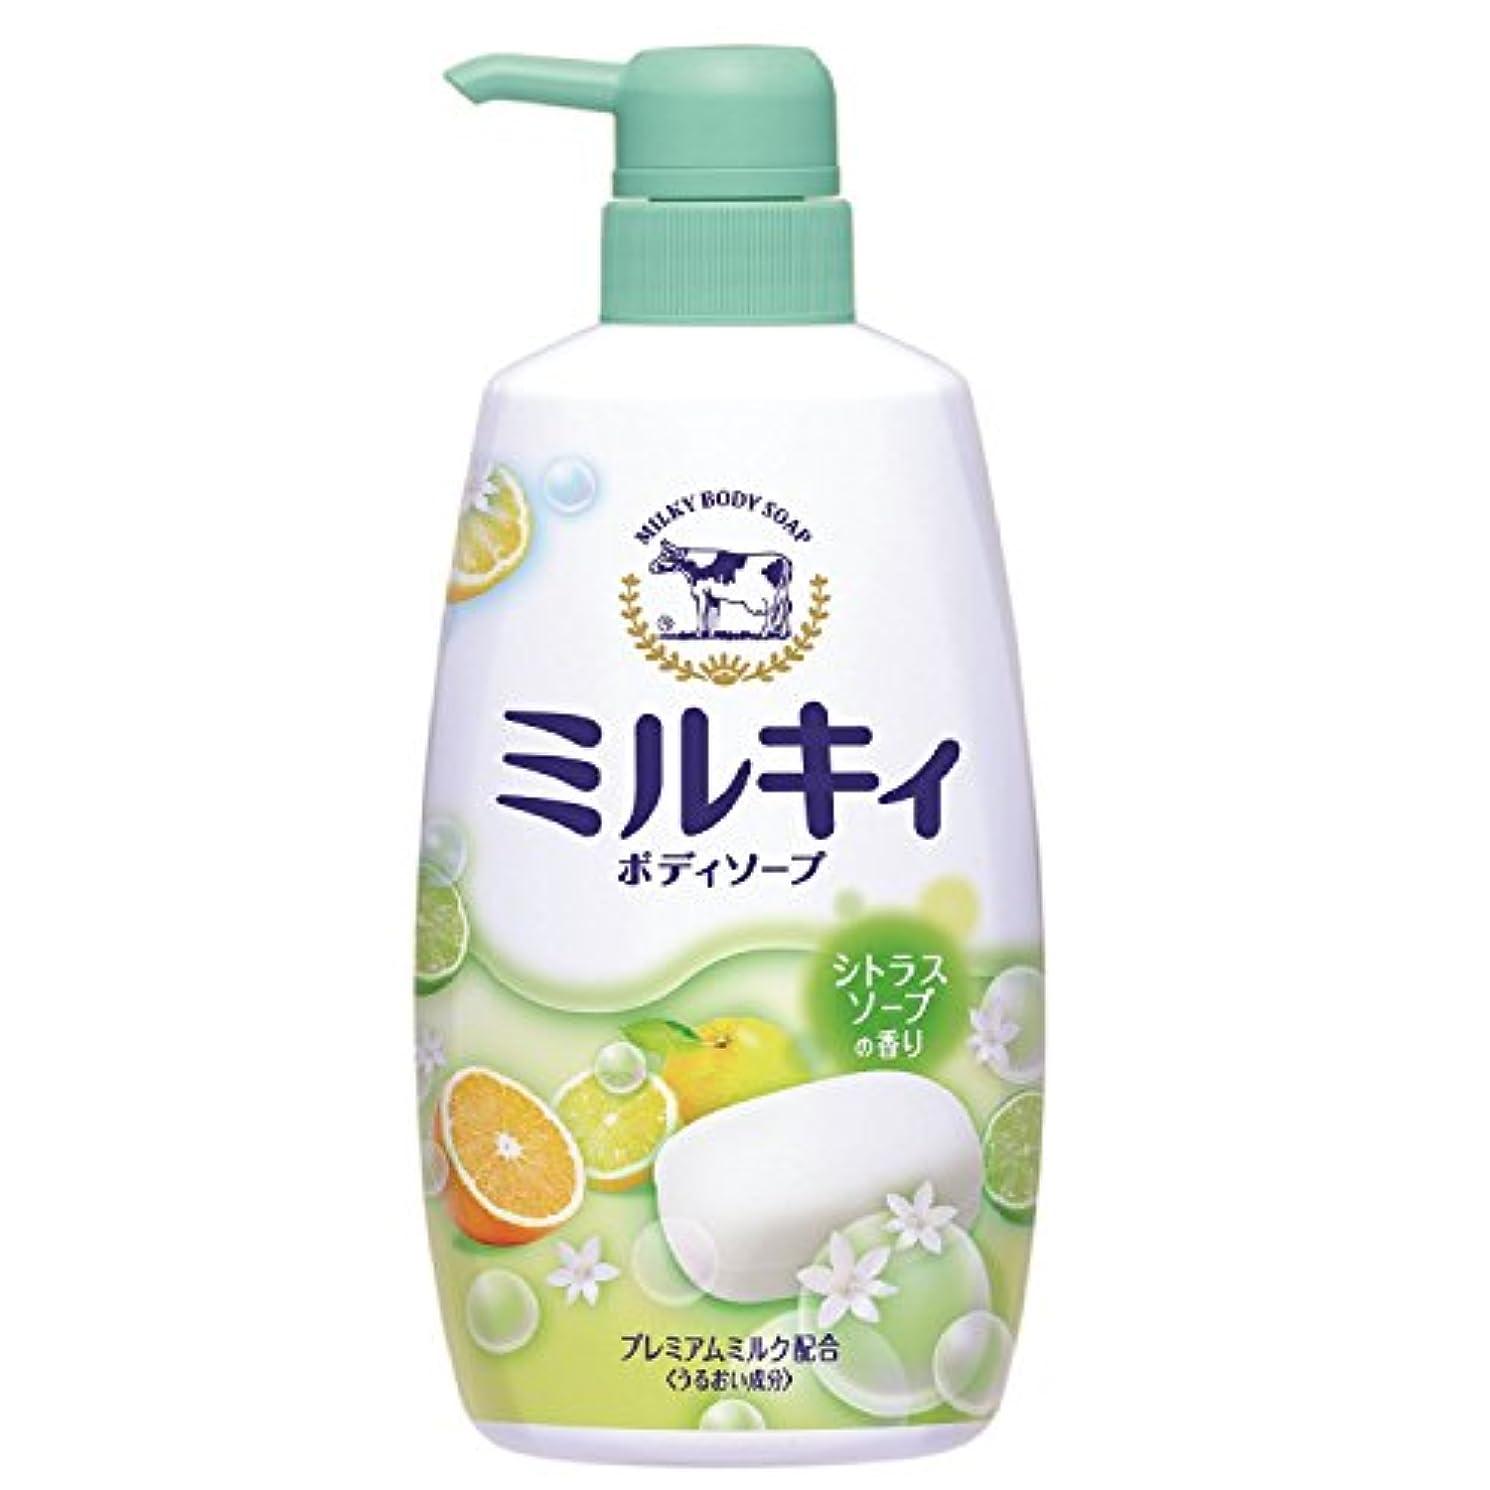 相対的新鮮な砂のミルキィボディソープ シトラスソープの香り ポンプ 550mL